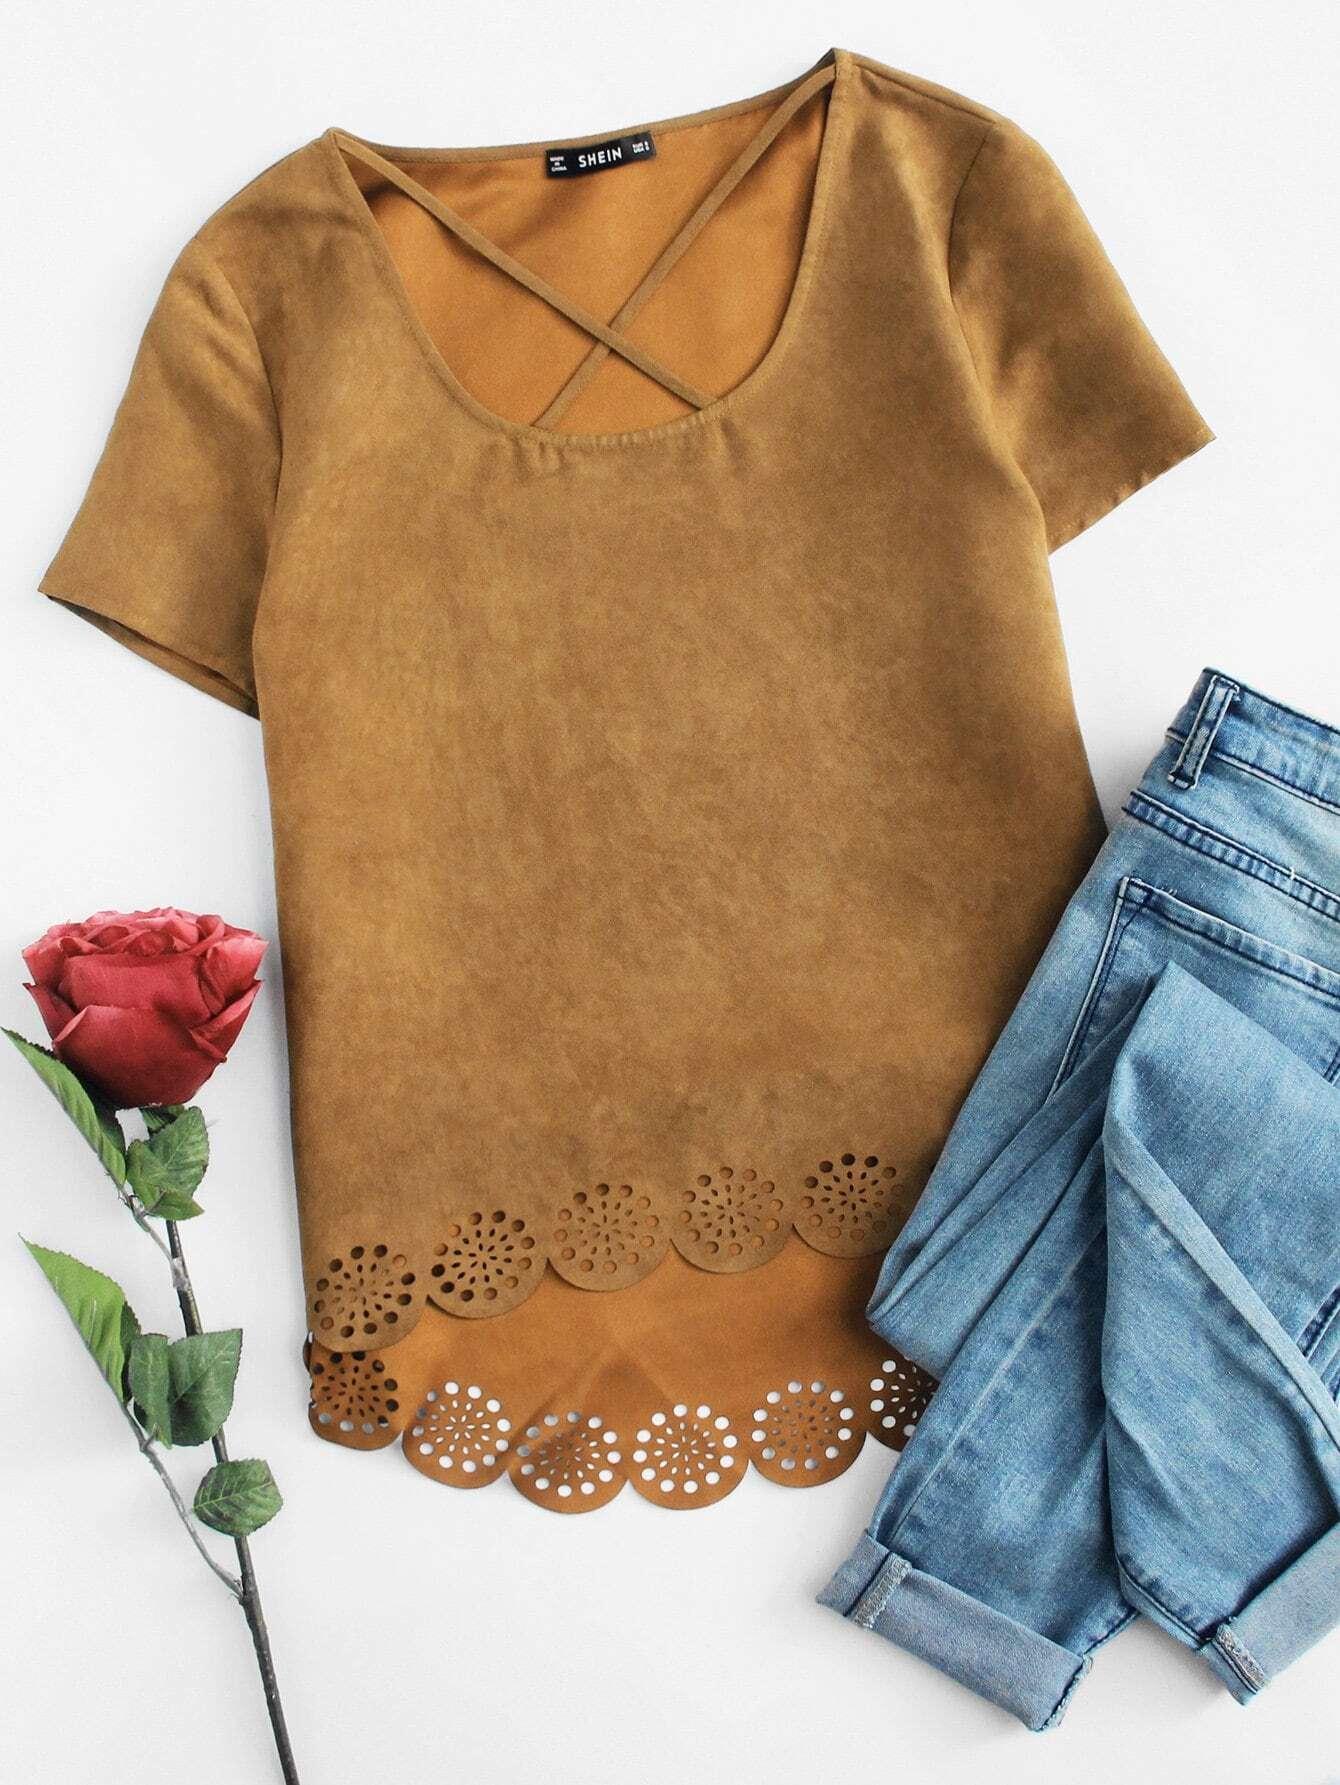 Модная асимметричная футболка с фестонами, null, SheIn  - купить со скидкой